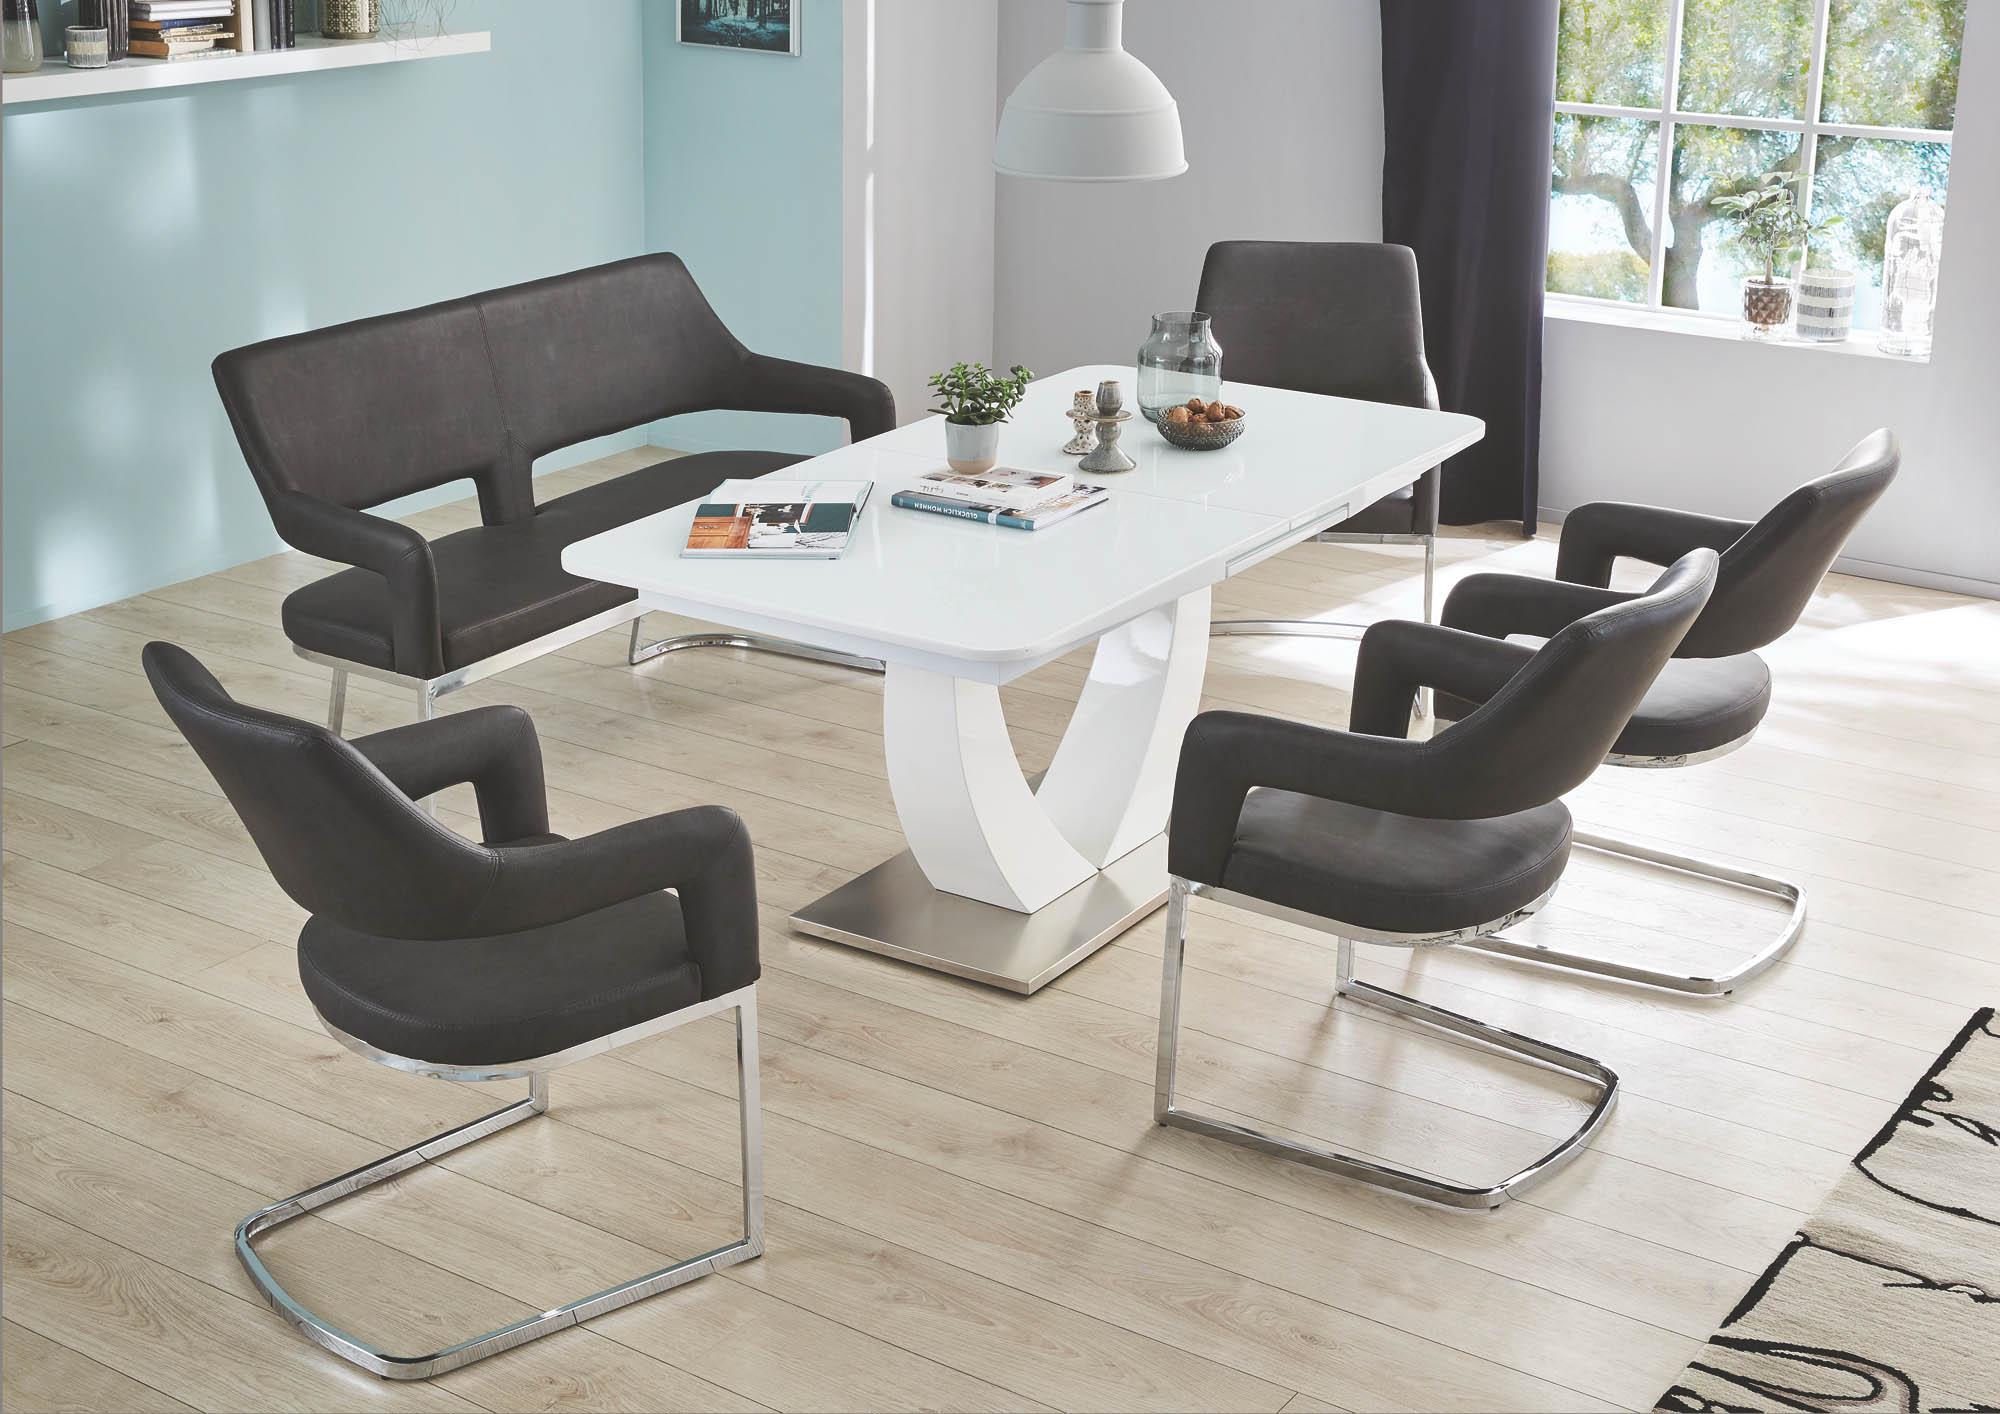 esstisch ausziehbar ulm von pro com hochglanz weiss edelstahl. Black Bedroom Furniture Sets. Home Design Ideas